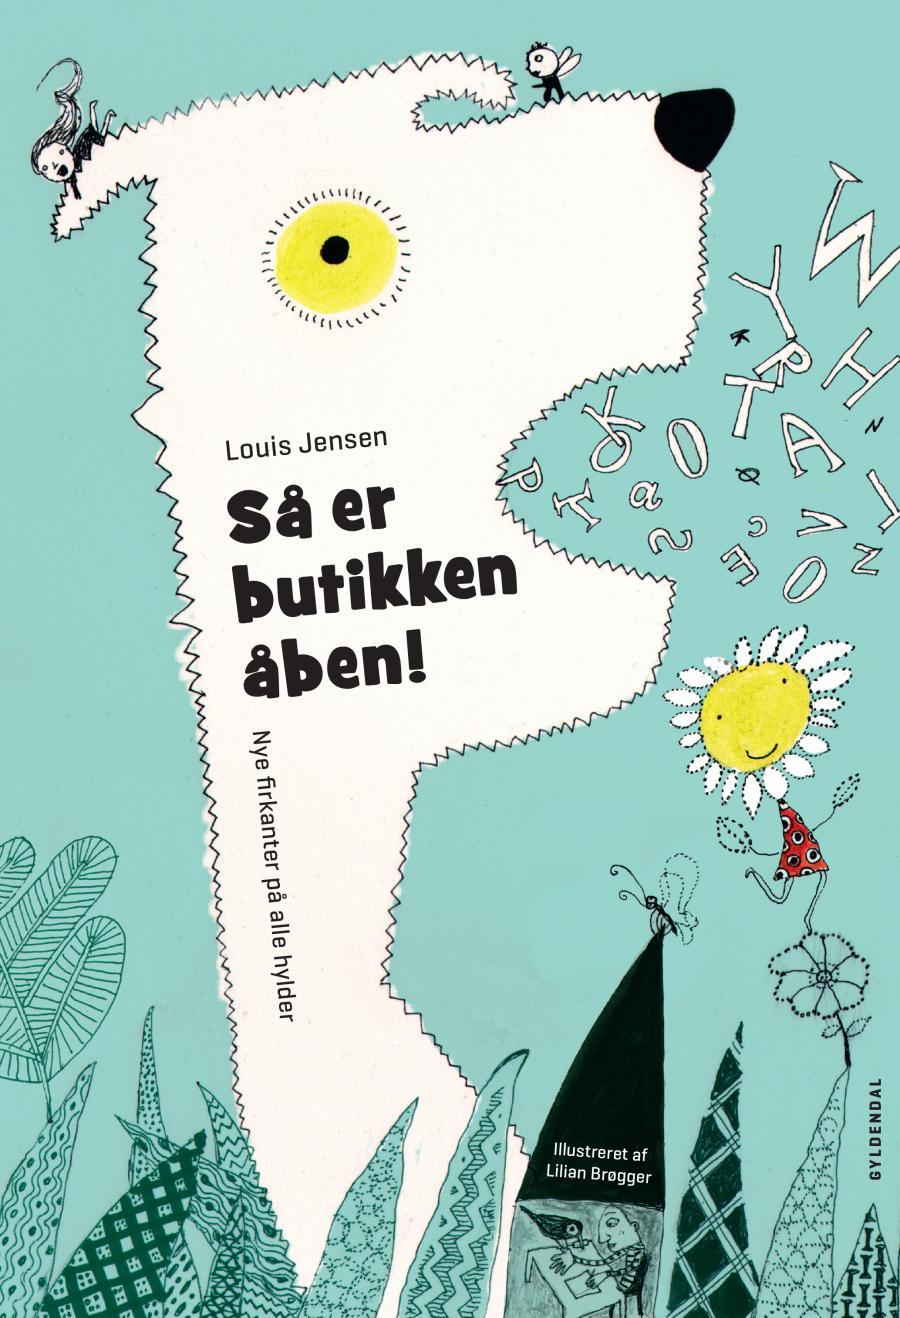 Forsiden af bogen 'Så er butikken åben' af Louis Jensens